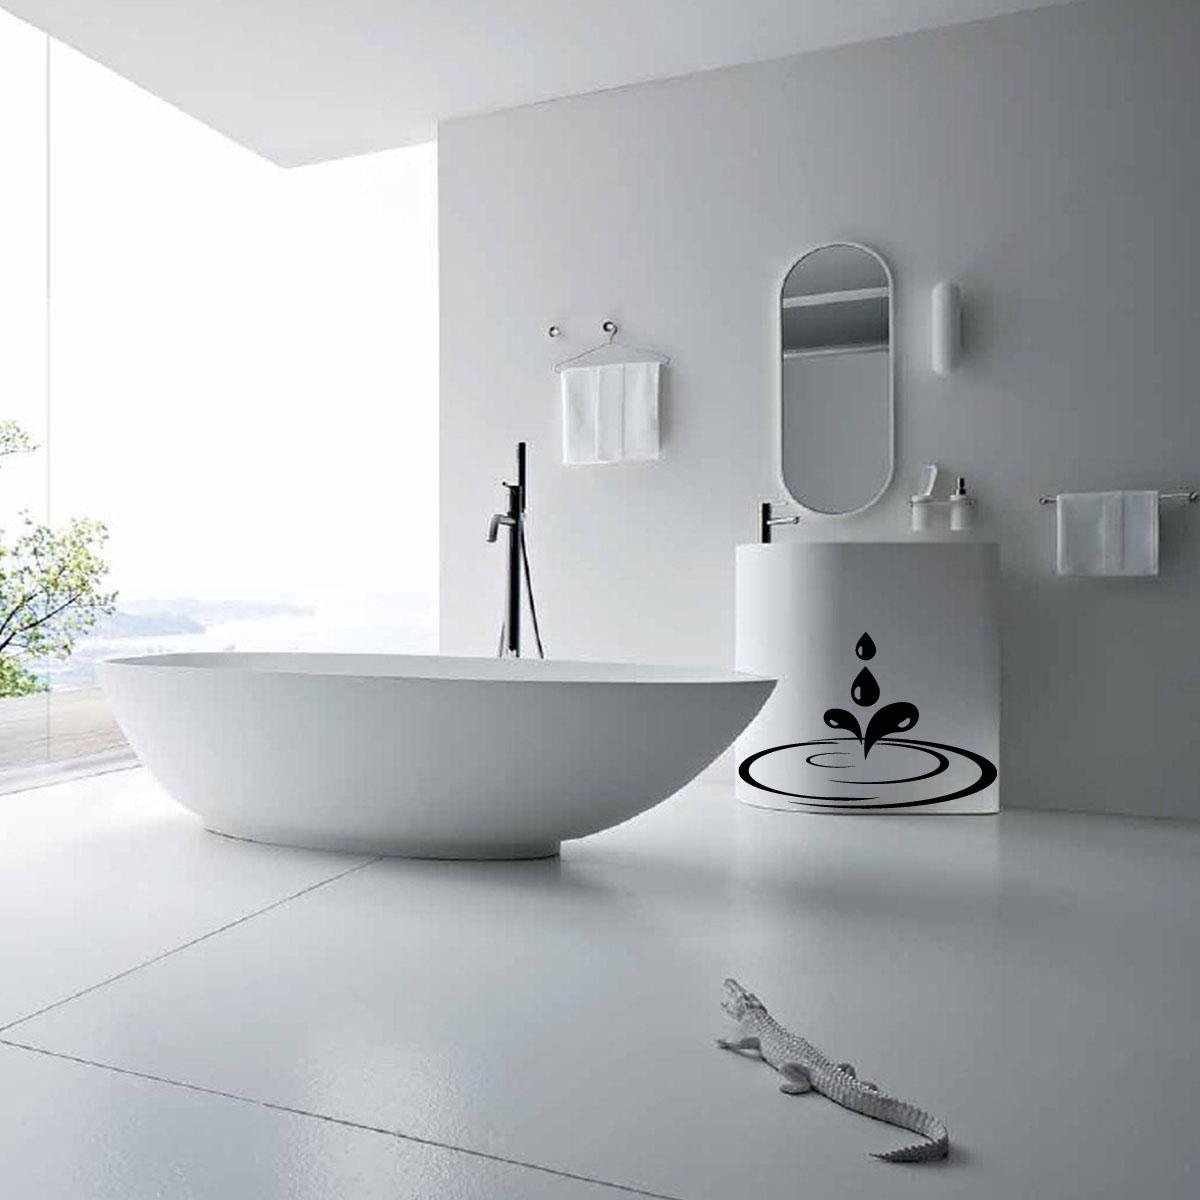 Sticker gouttes et flaque d 39 eau stickers salle de bain - Stickers salle de bains ...